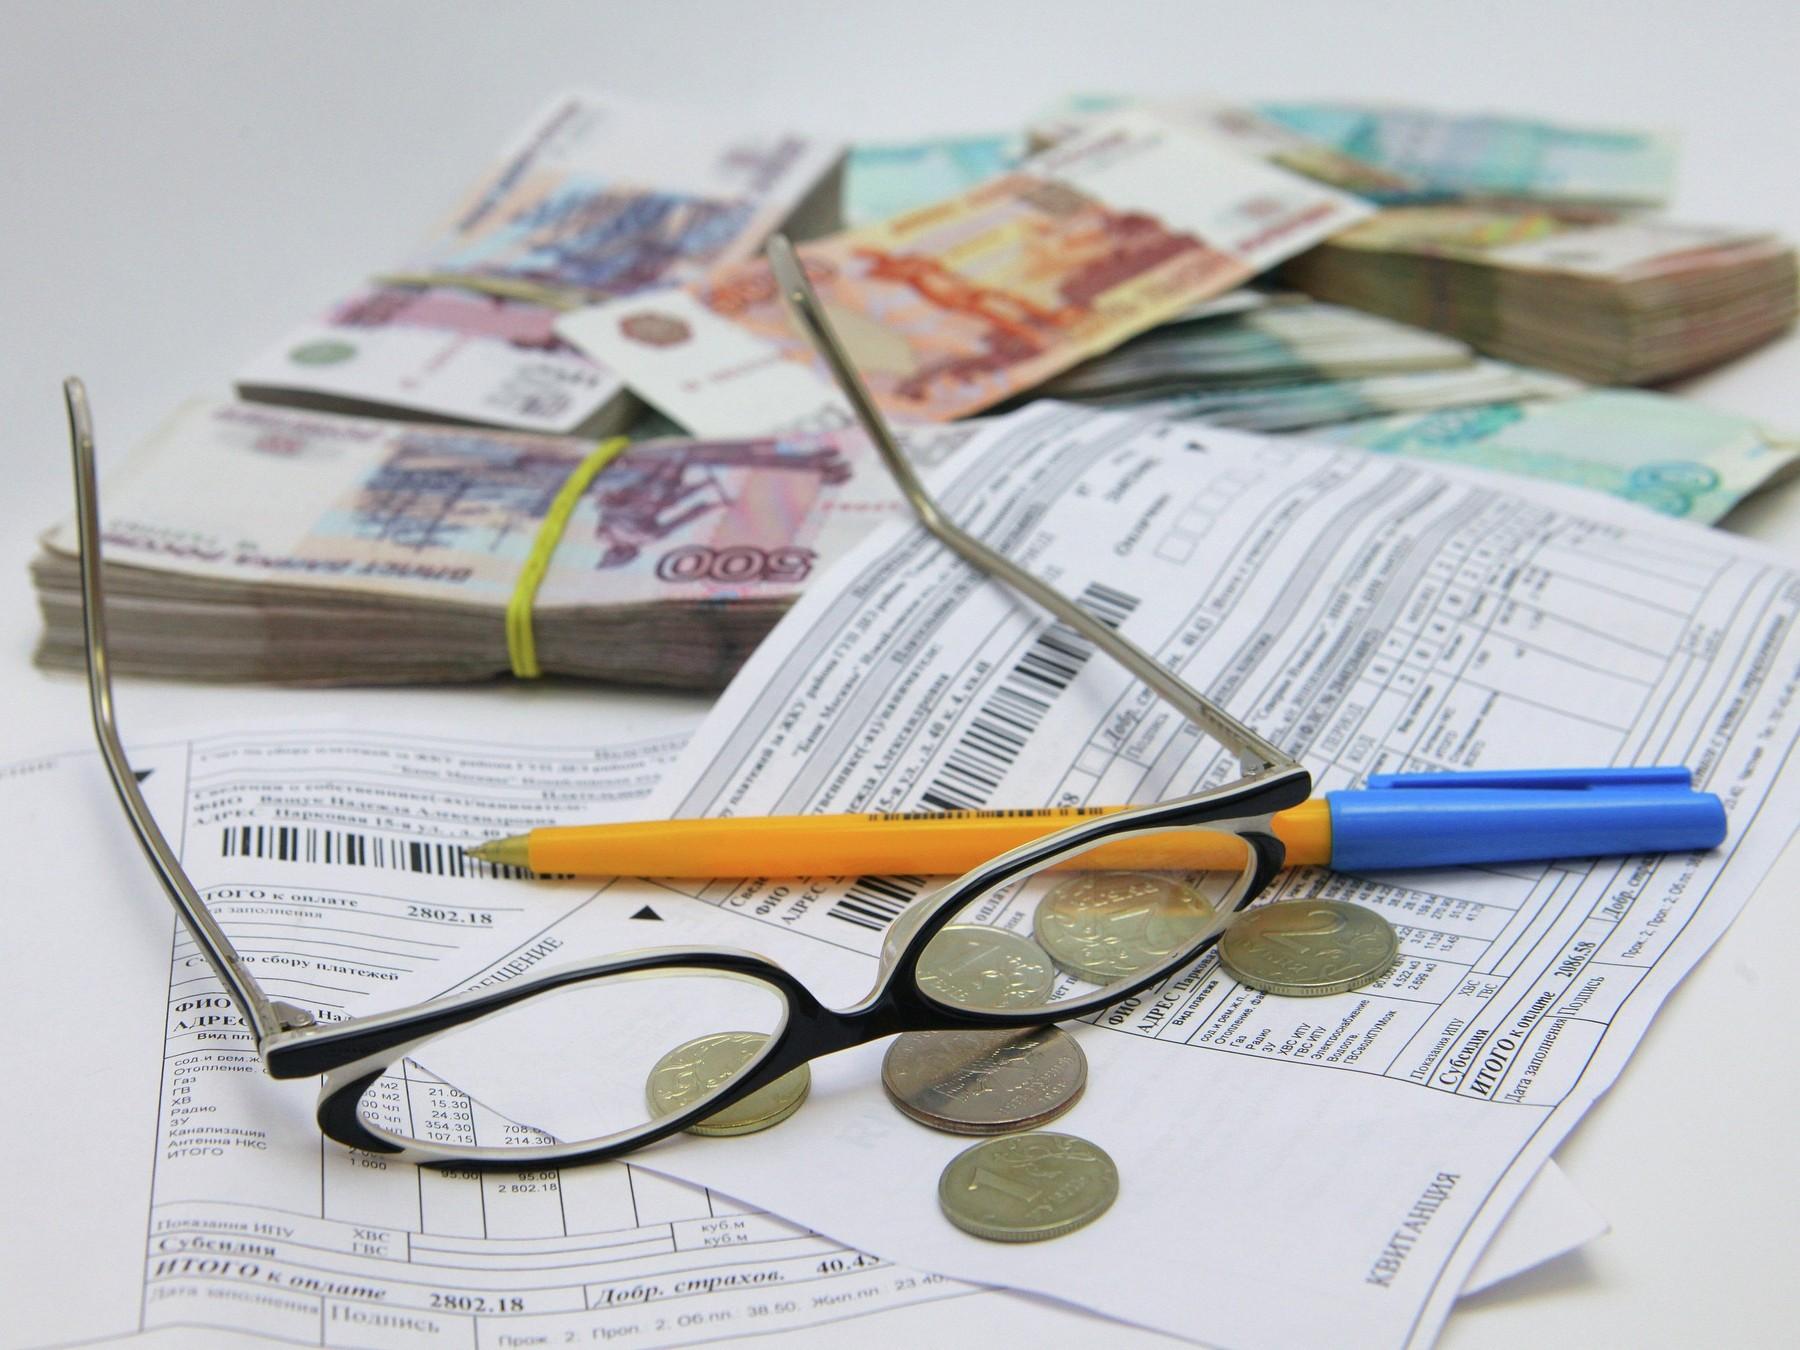 Информация по вопросам ценообразования, формирования тарифов и порядка расчета платы за коммунальные услуги и услуги, касающиеся обслуживания жилищного фонда и причинах ее роста в 2021 году